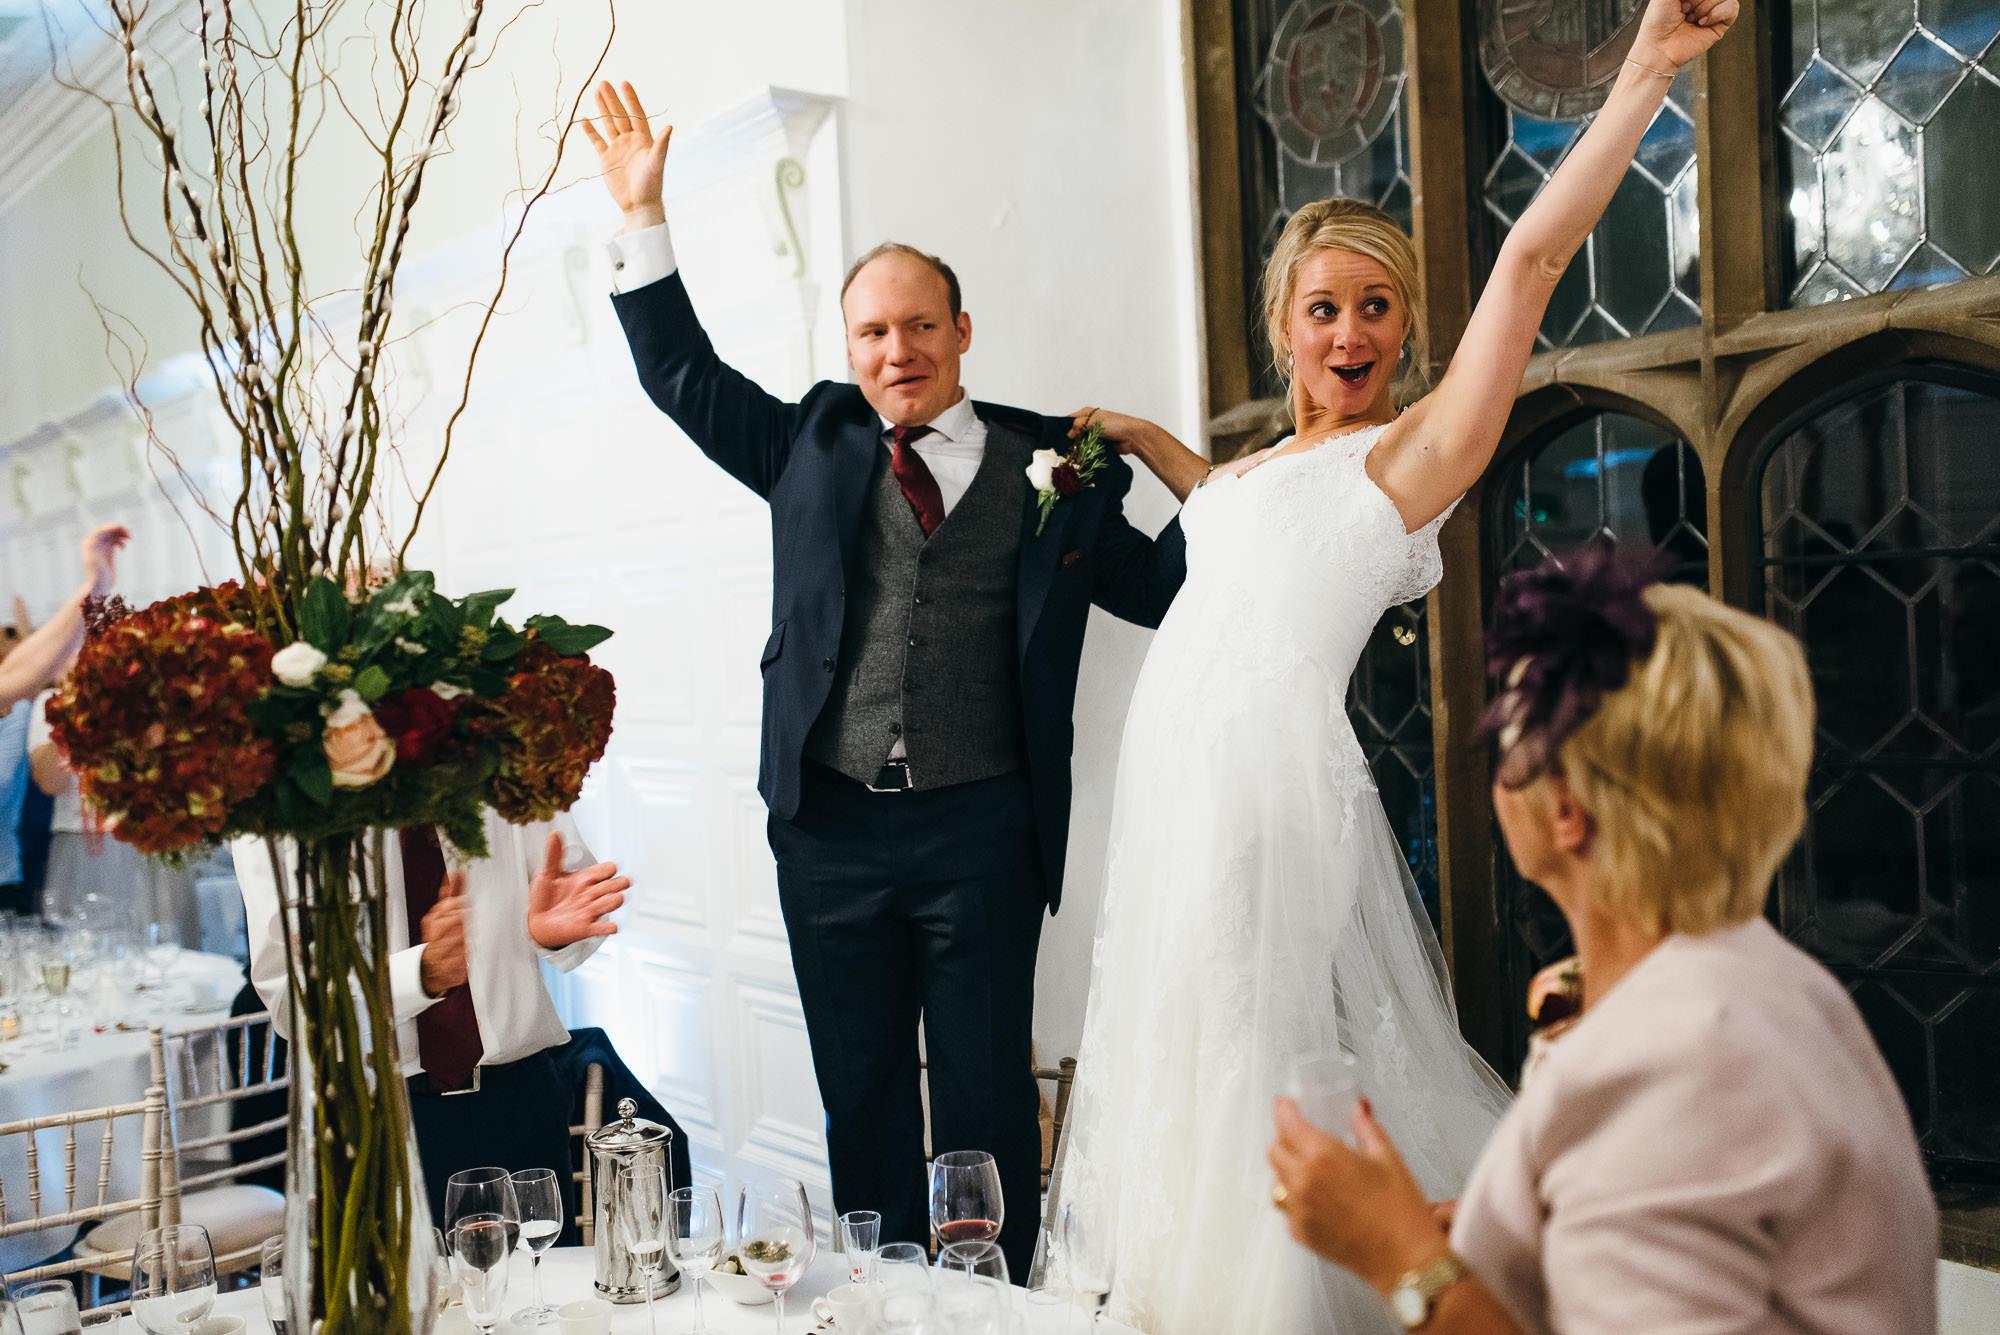 Hengrave hall wedding speeches